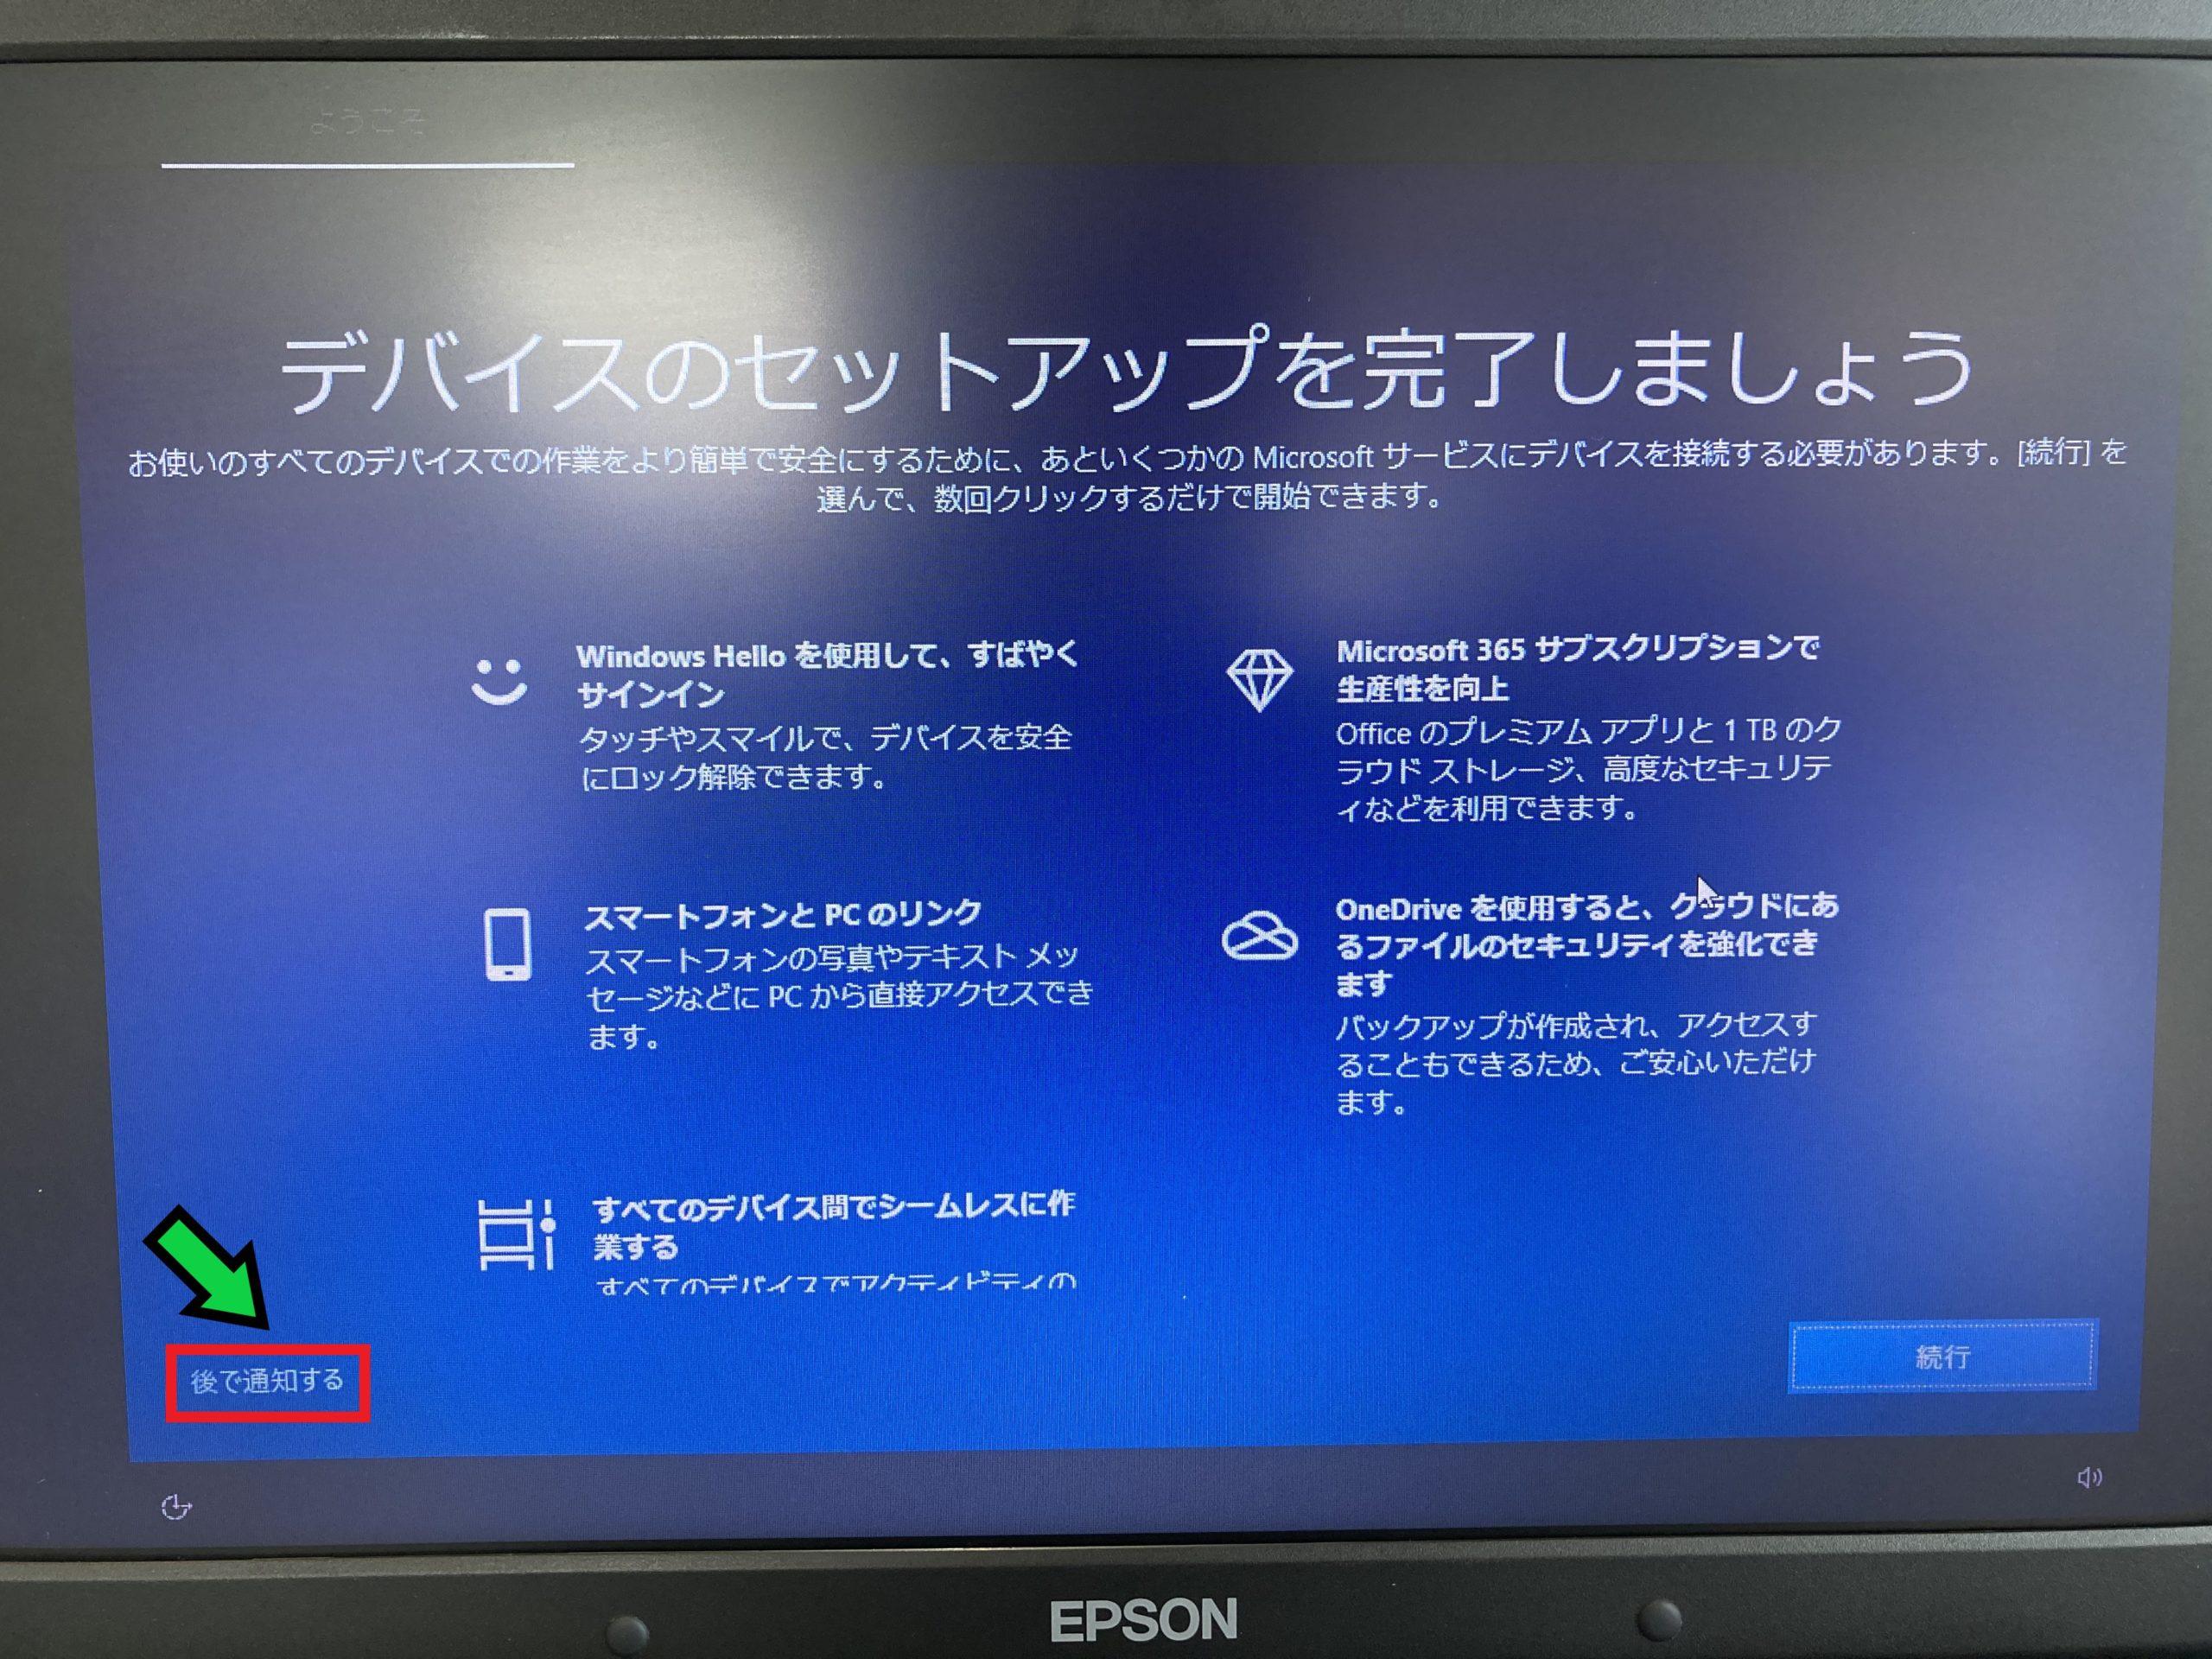 【プロが解説】失敗しないWindows10の初期セットアップ方法